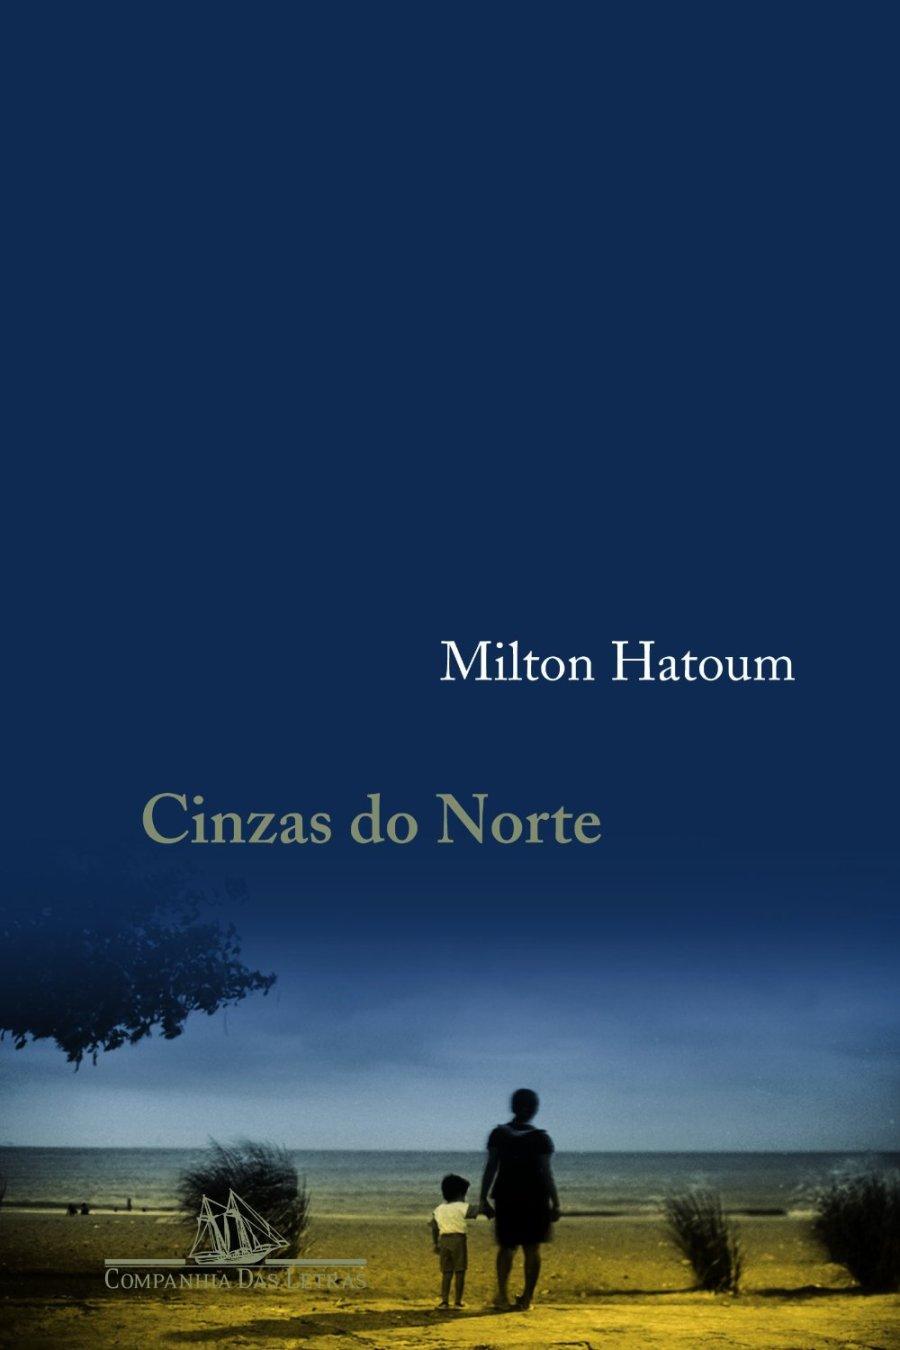 Cinzas do Norte - Milton Hatoum - Capa